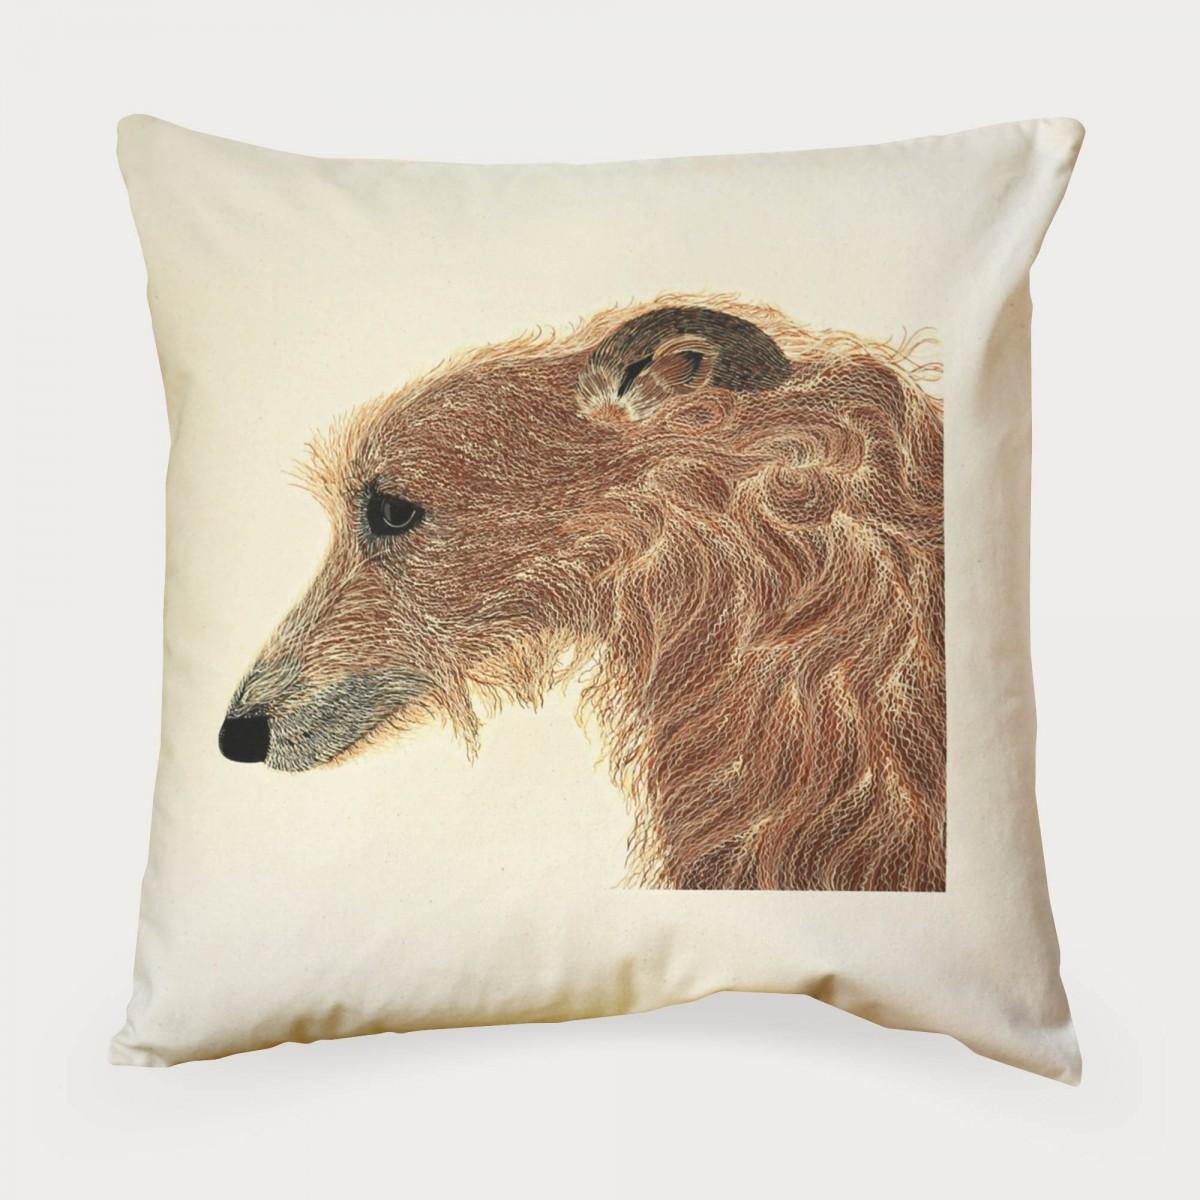 Lurcher Print Dog Cushion Cover